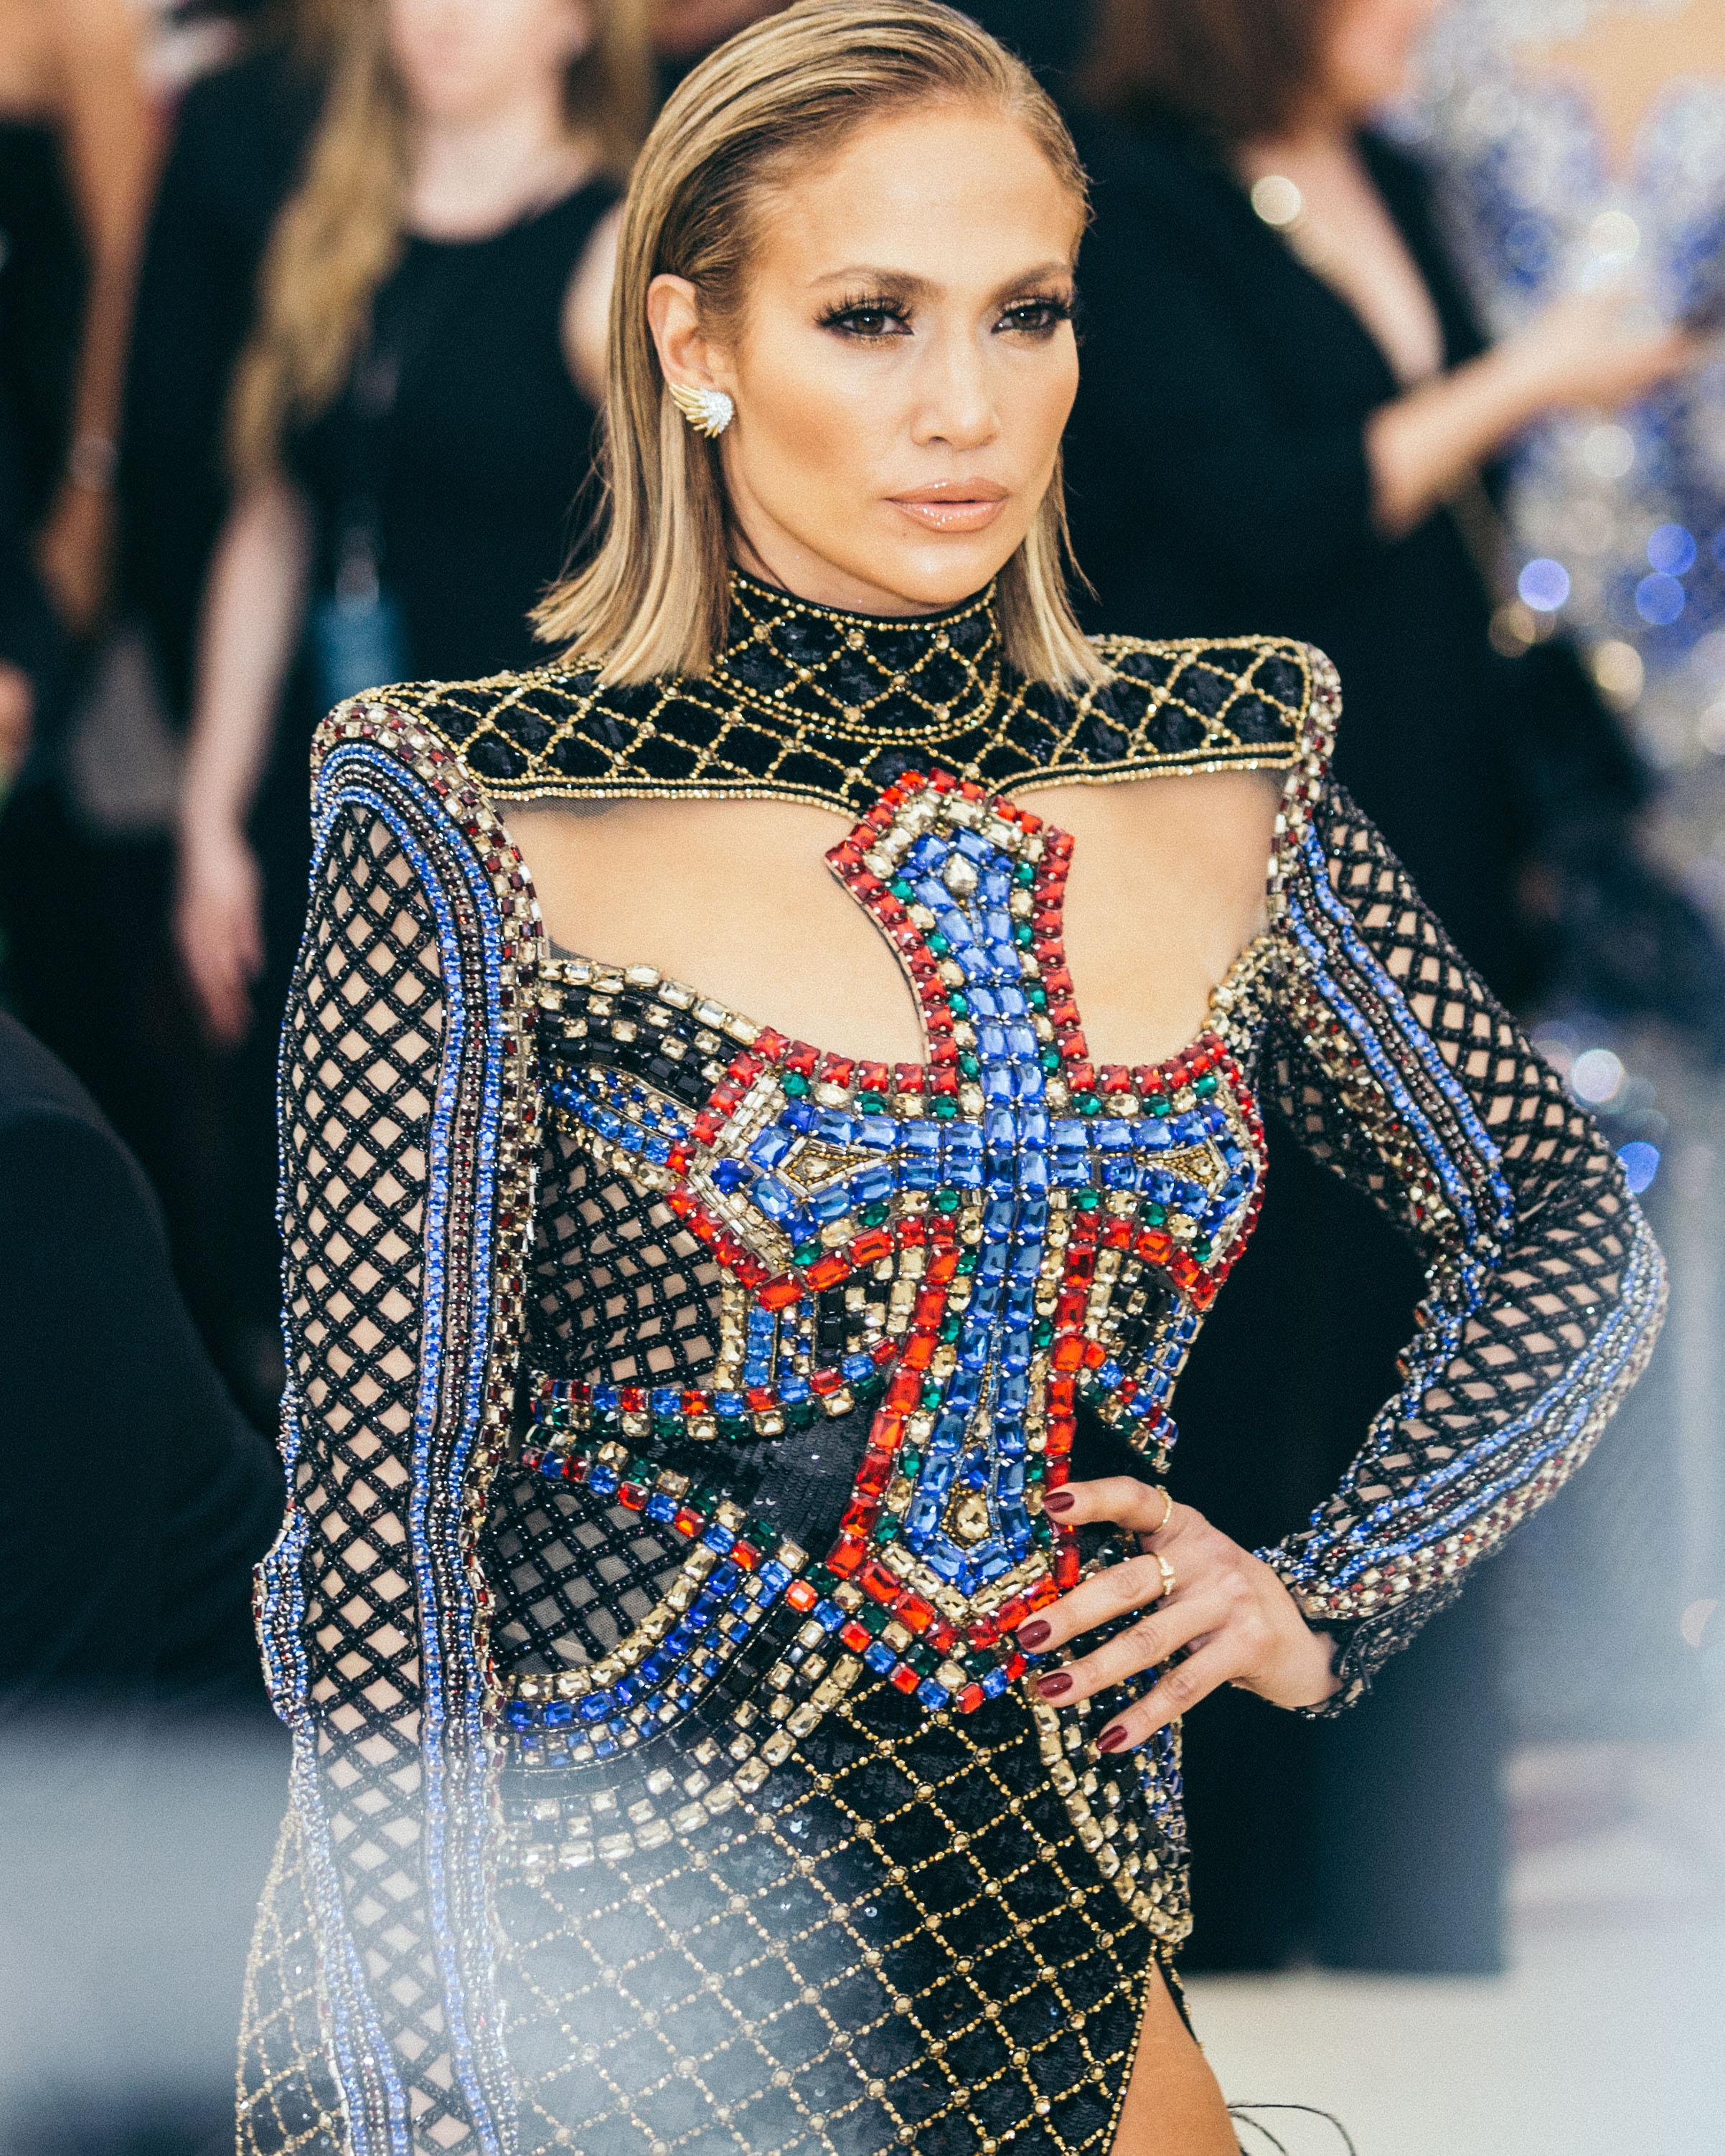 Jennifer Lopez at the 2018 Met Gala. Photograph by Siyu Tang.